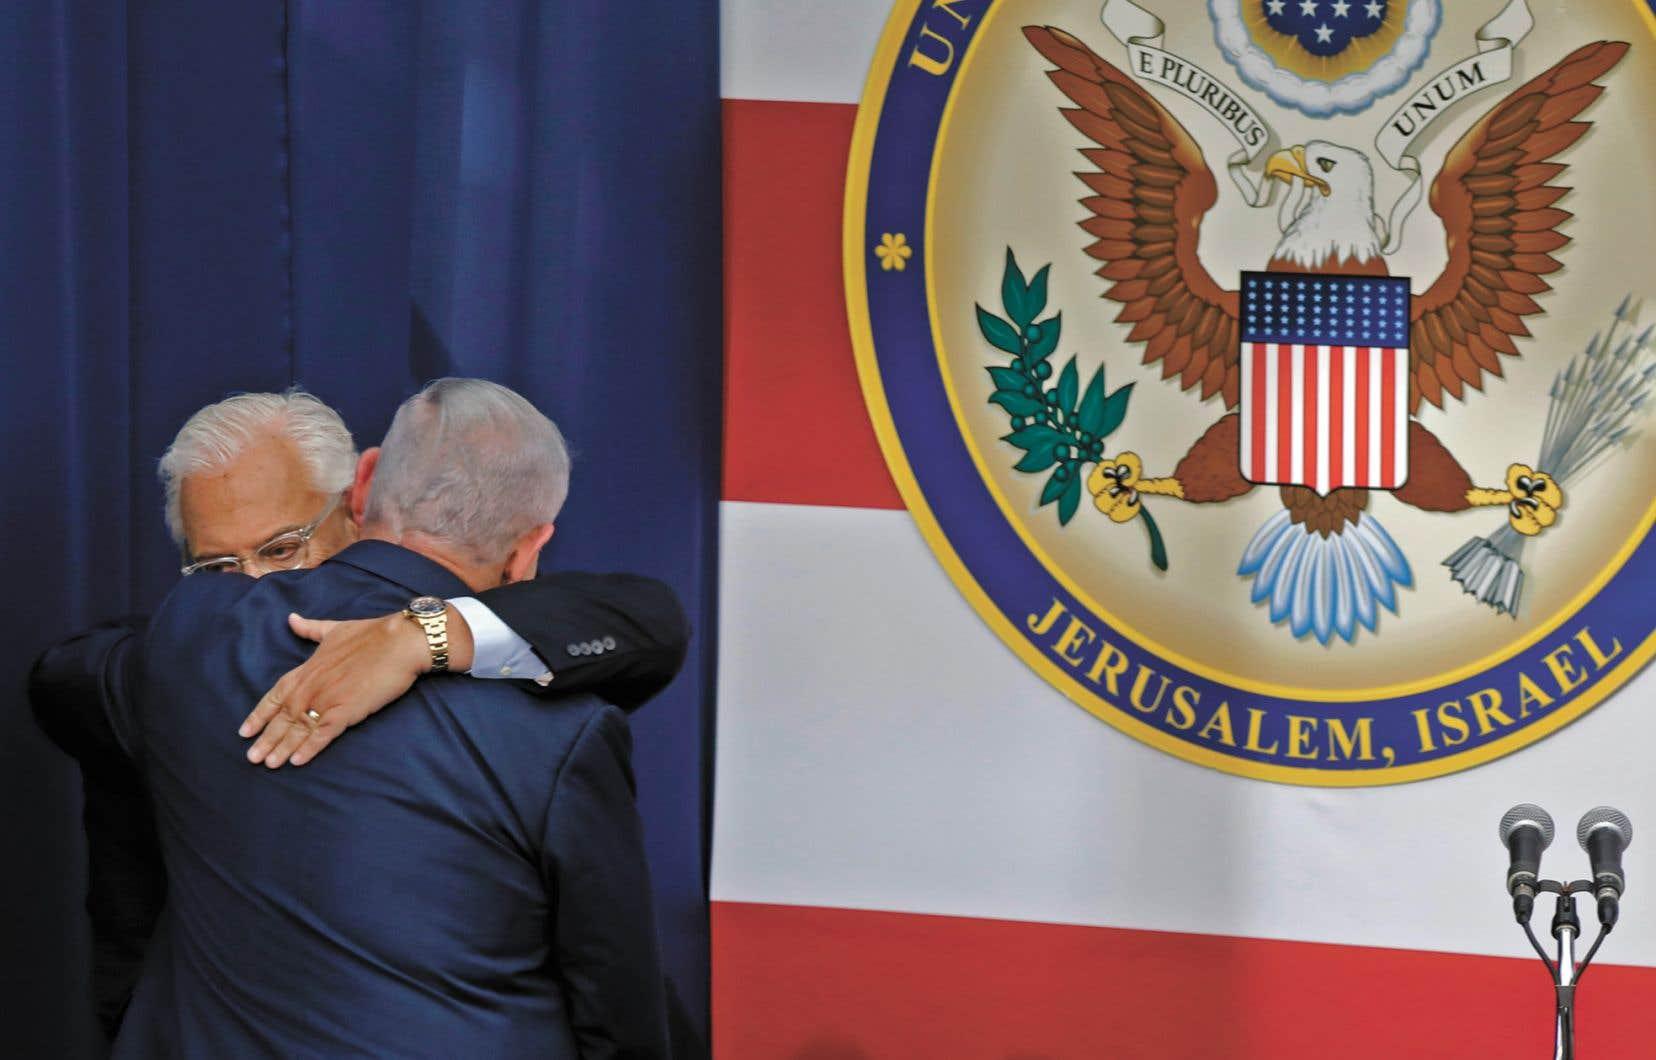 L'ambassadeur américain en Israël, David Friedman, et le premier ministre israélien, Benjamin Netanyahou, se sont donné l'accolade sur scène, dimanche, à Jérusalem.